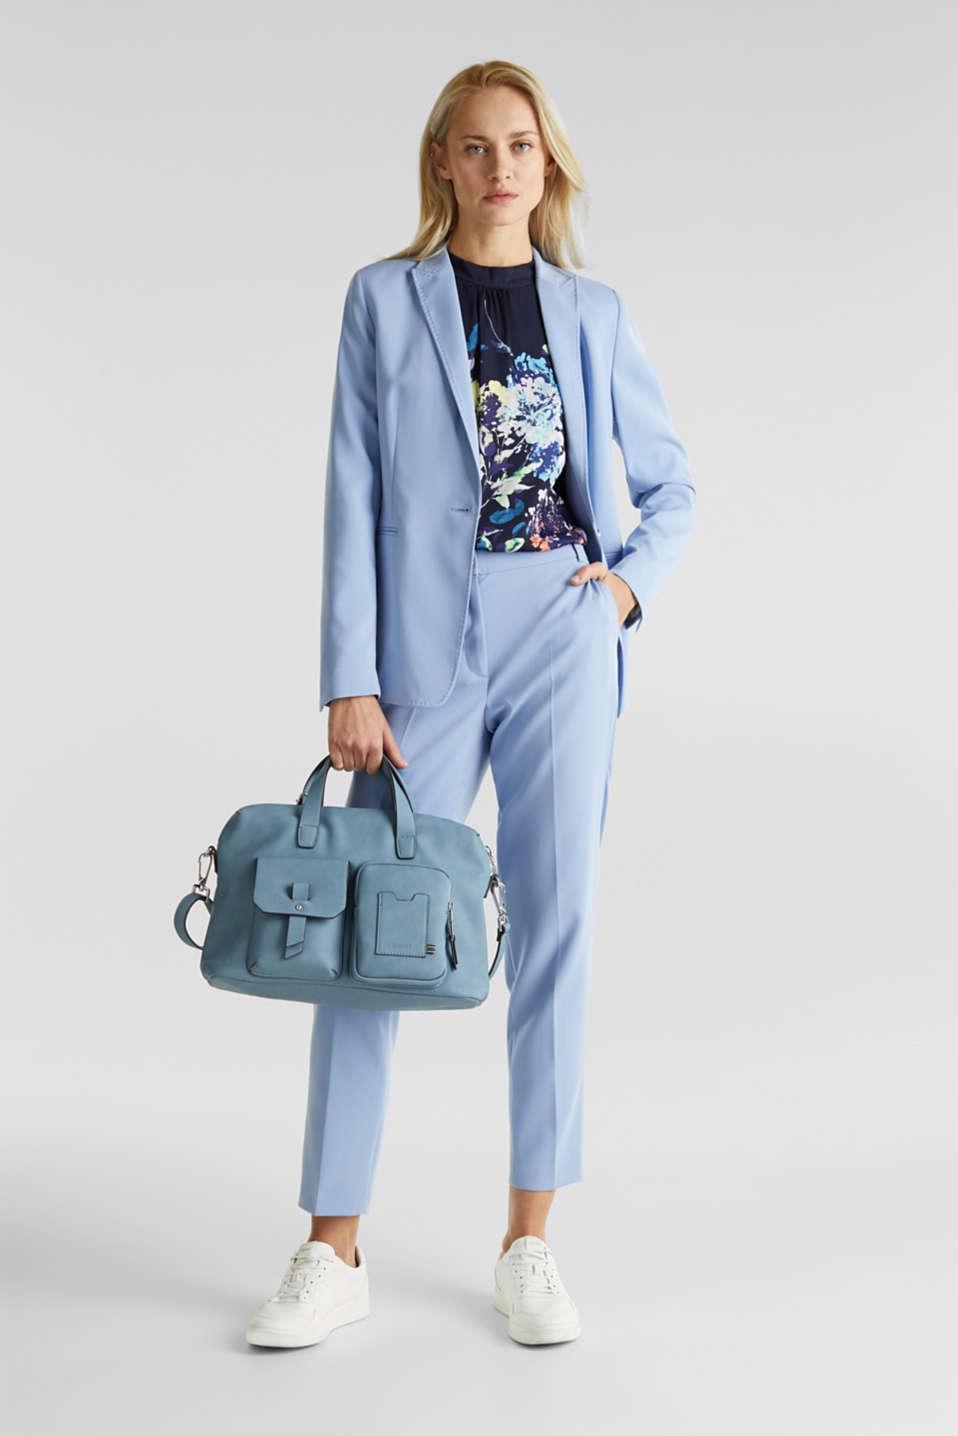 Faux leather handbag, LIGHT BLUE, detail image number 1